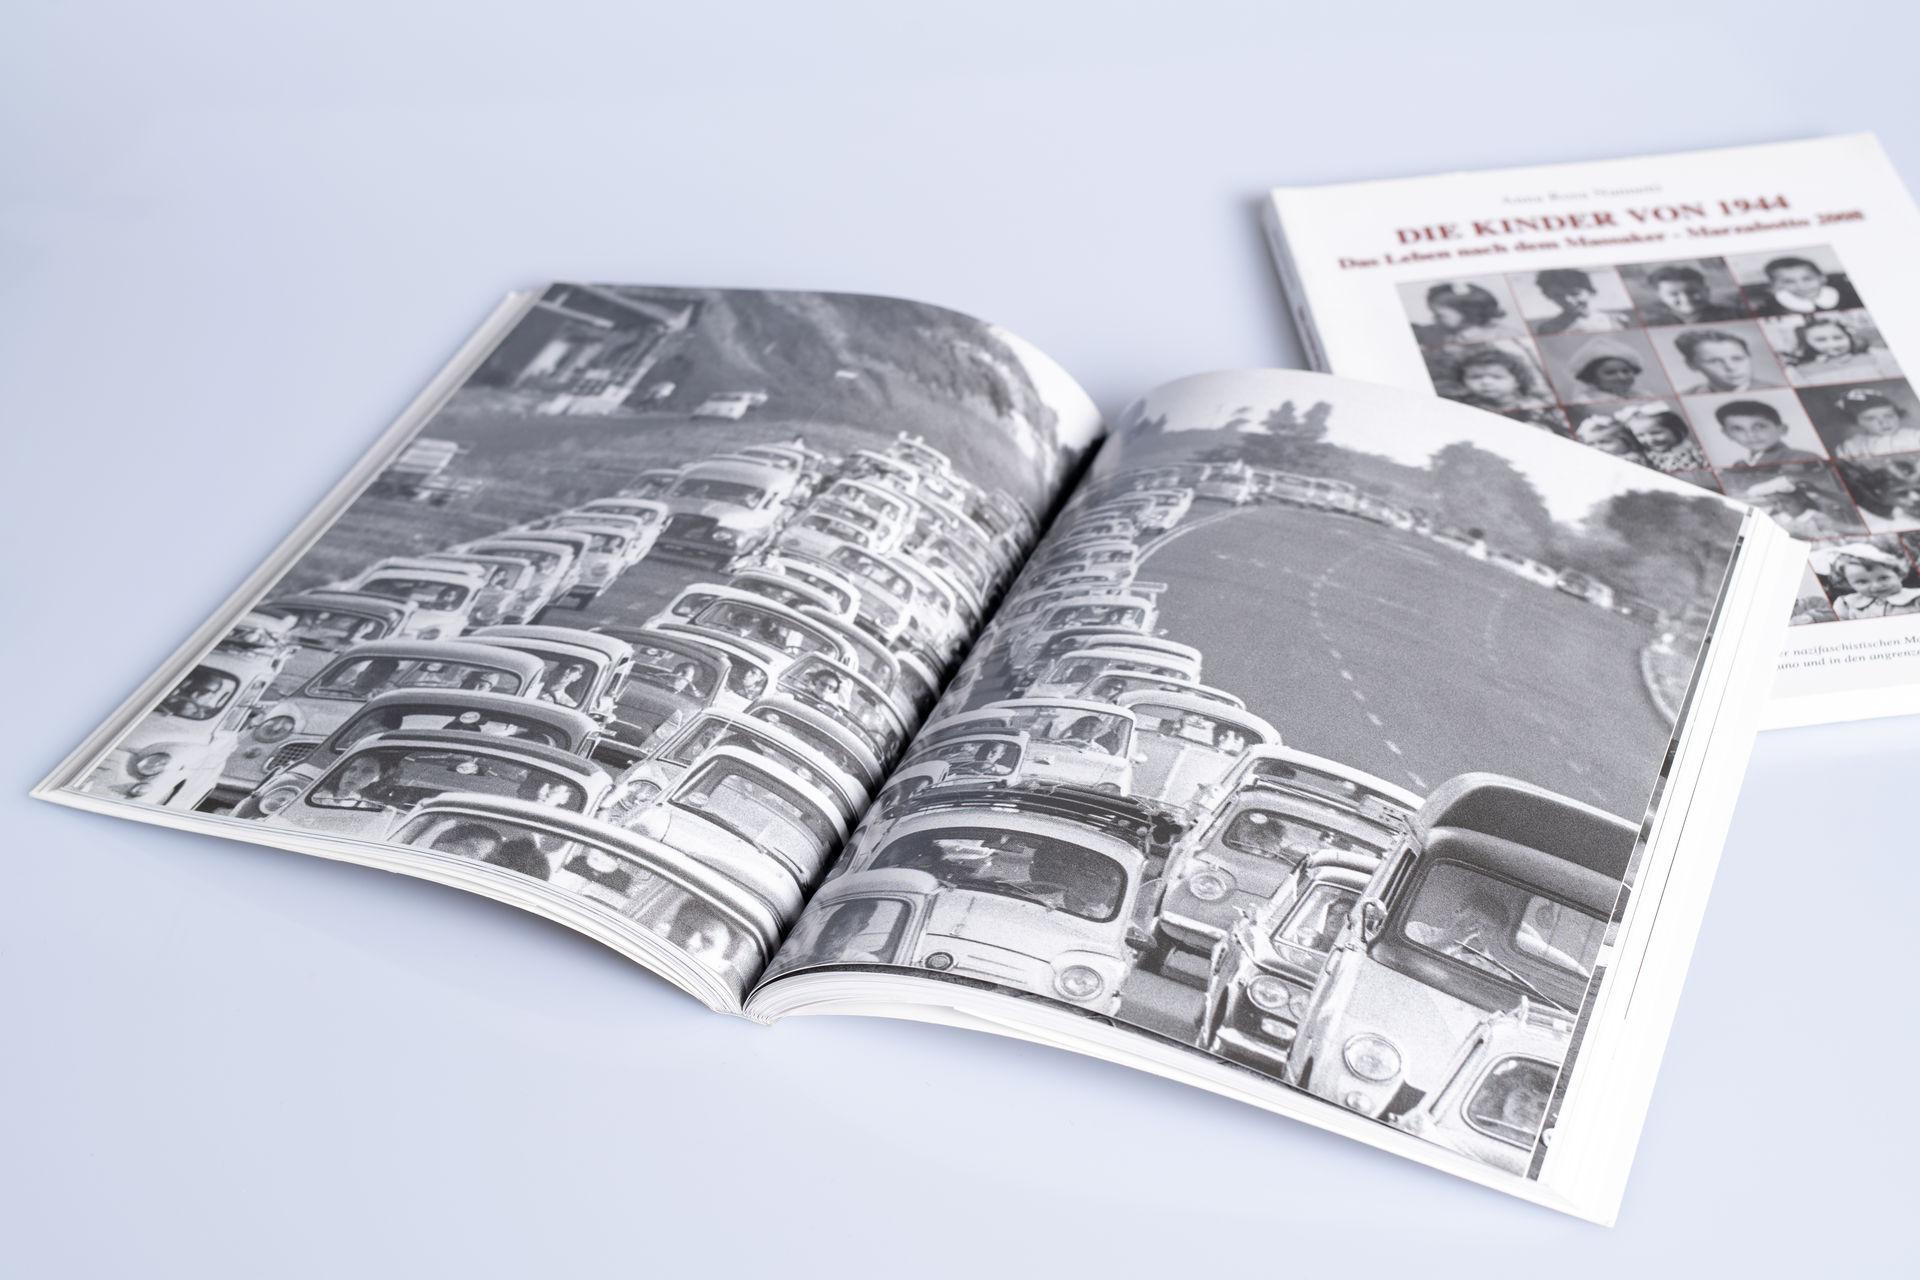 catologhi-libri-tipografia-ag-2